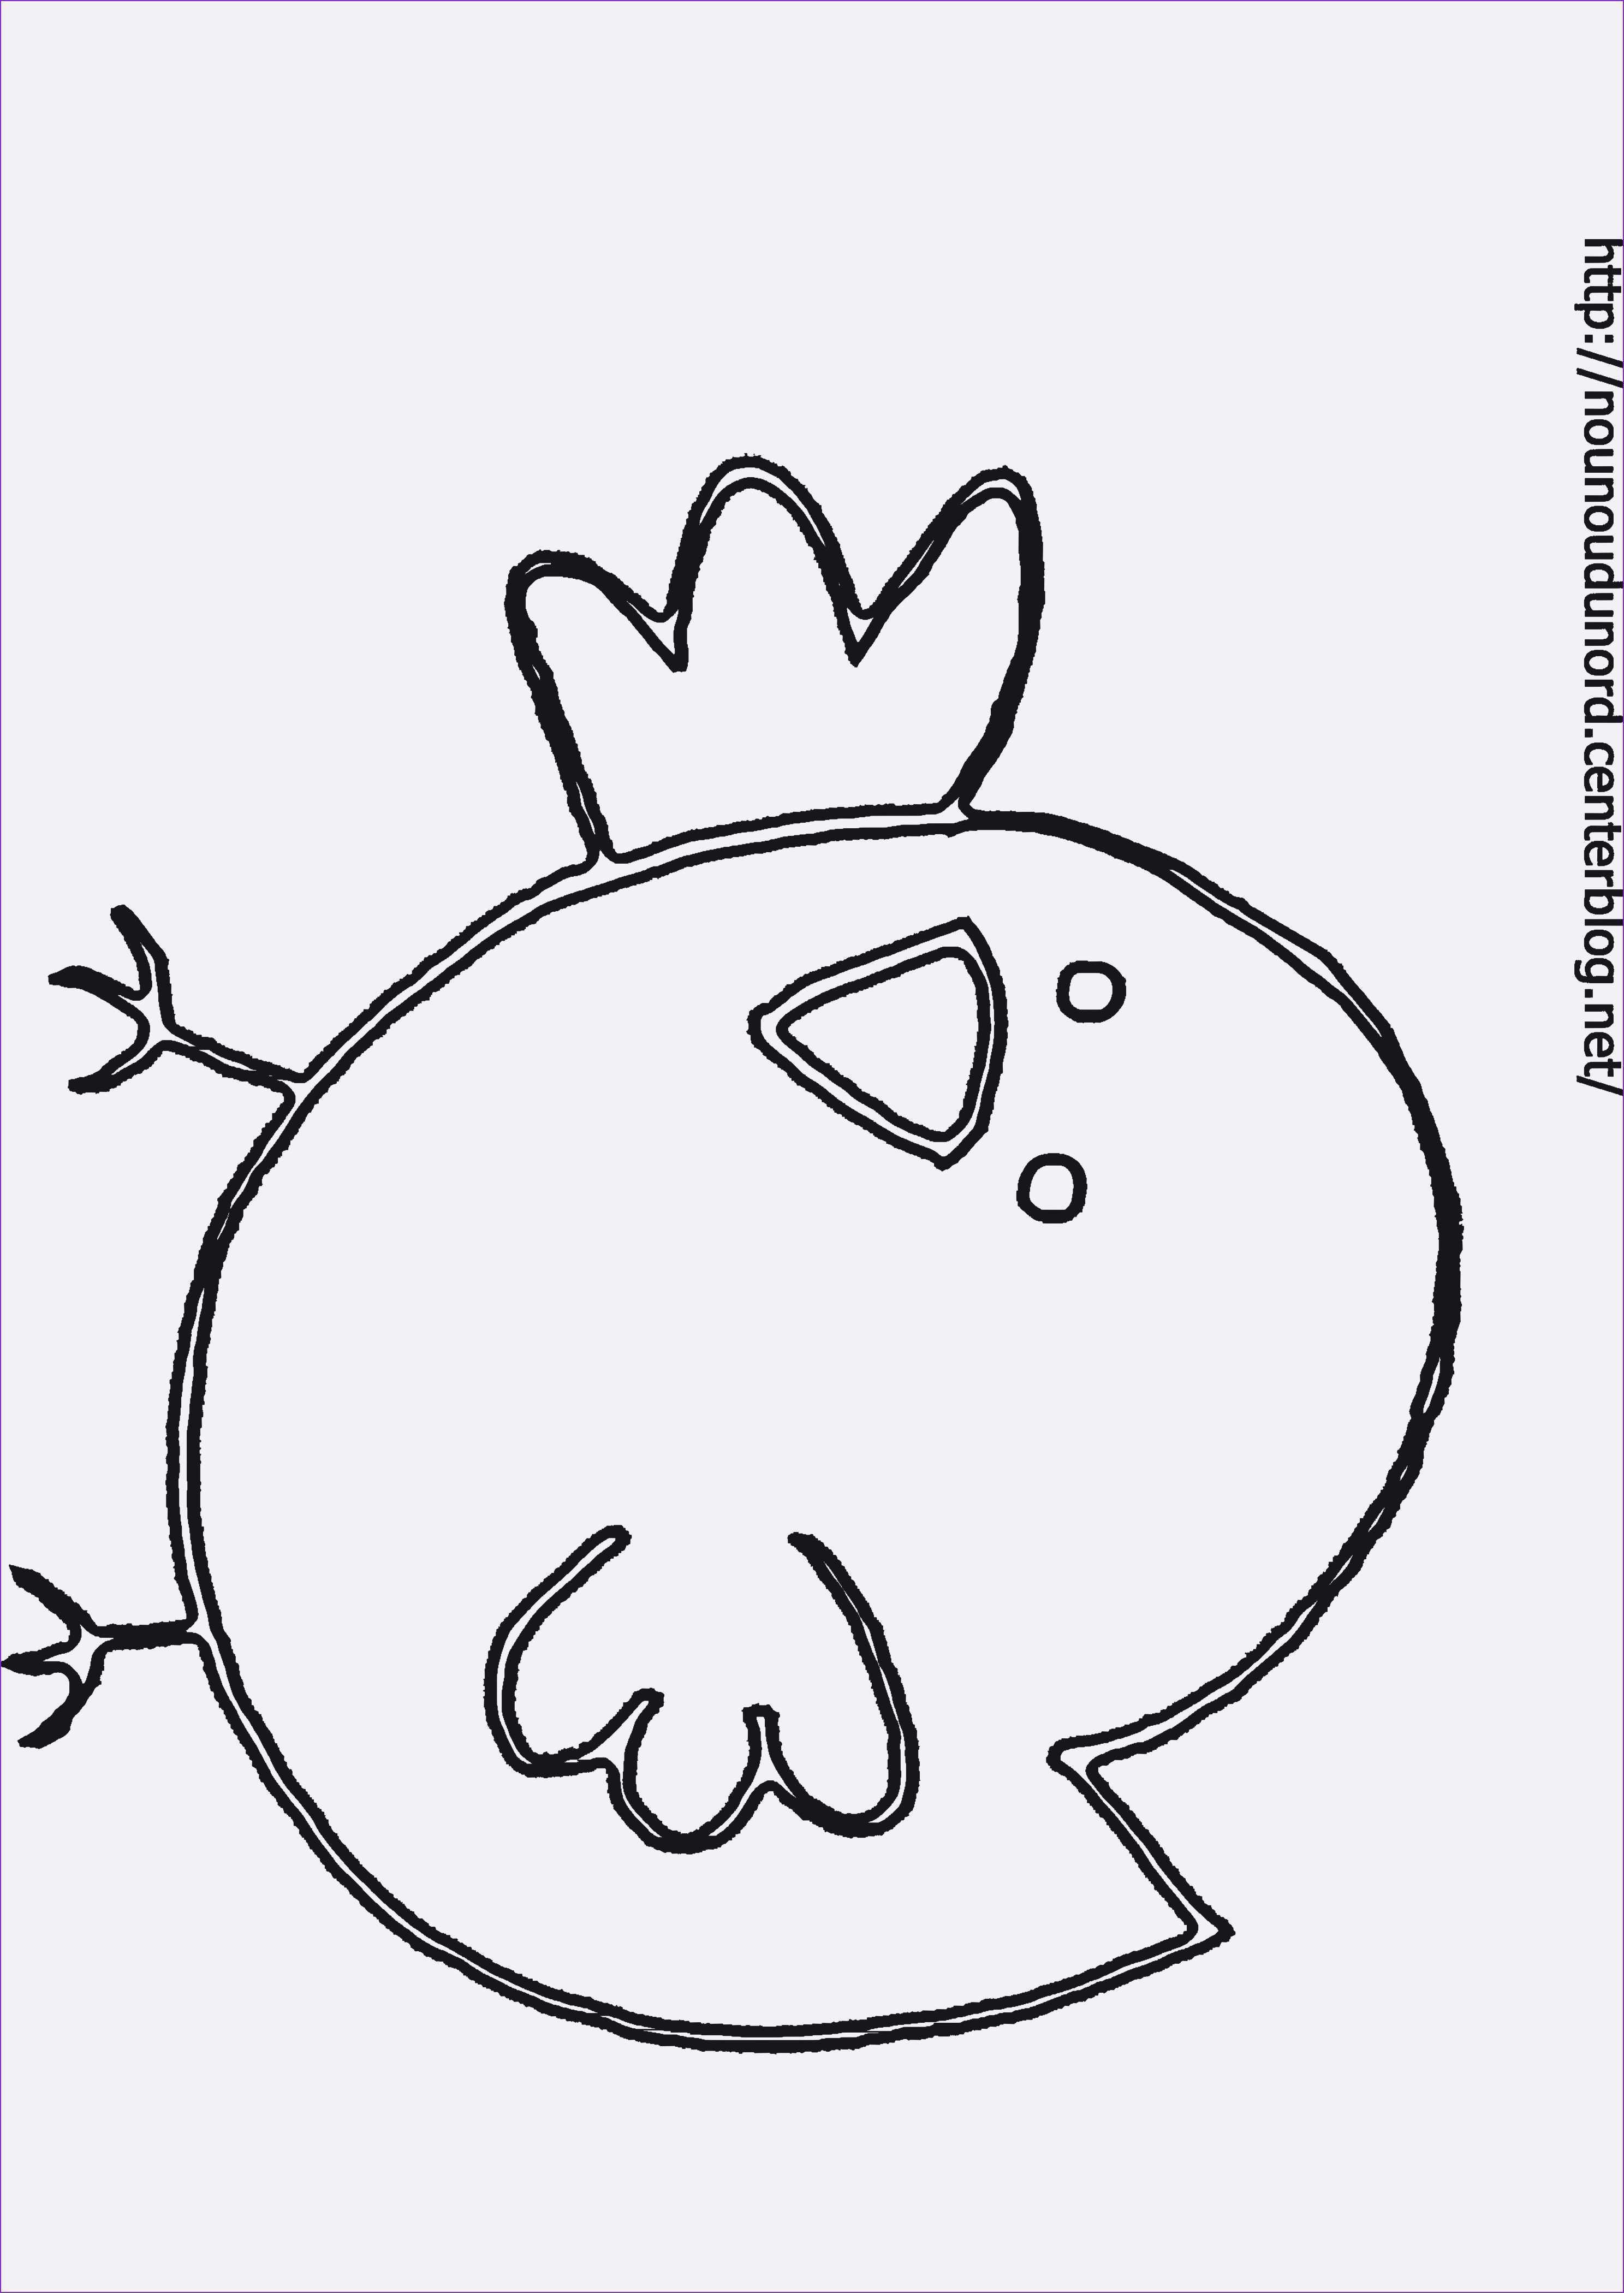 Ausmalbilder Ostern Hase Frisch Druckbare Ostern Malvorlagen 45 Ausmalbild Ostern Huhn Indecal Fotos